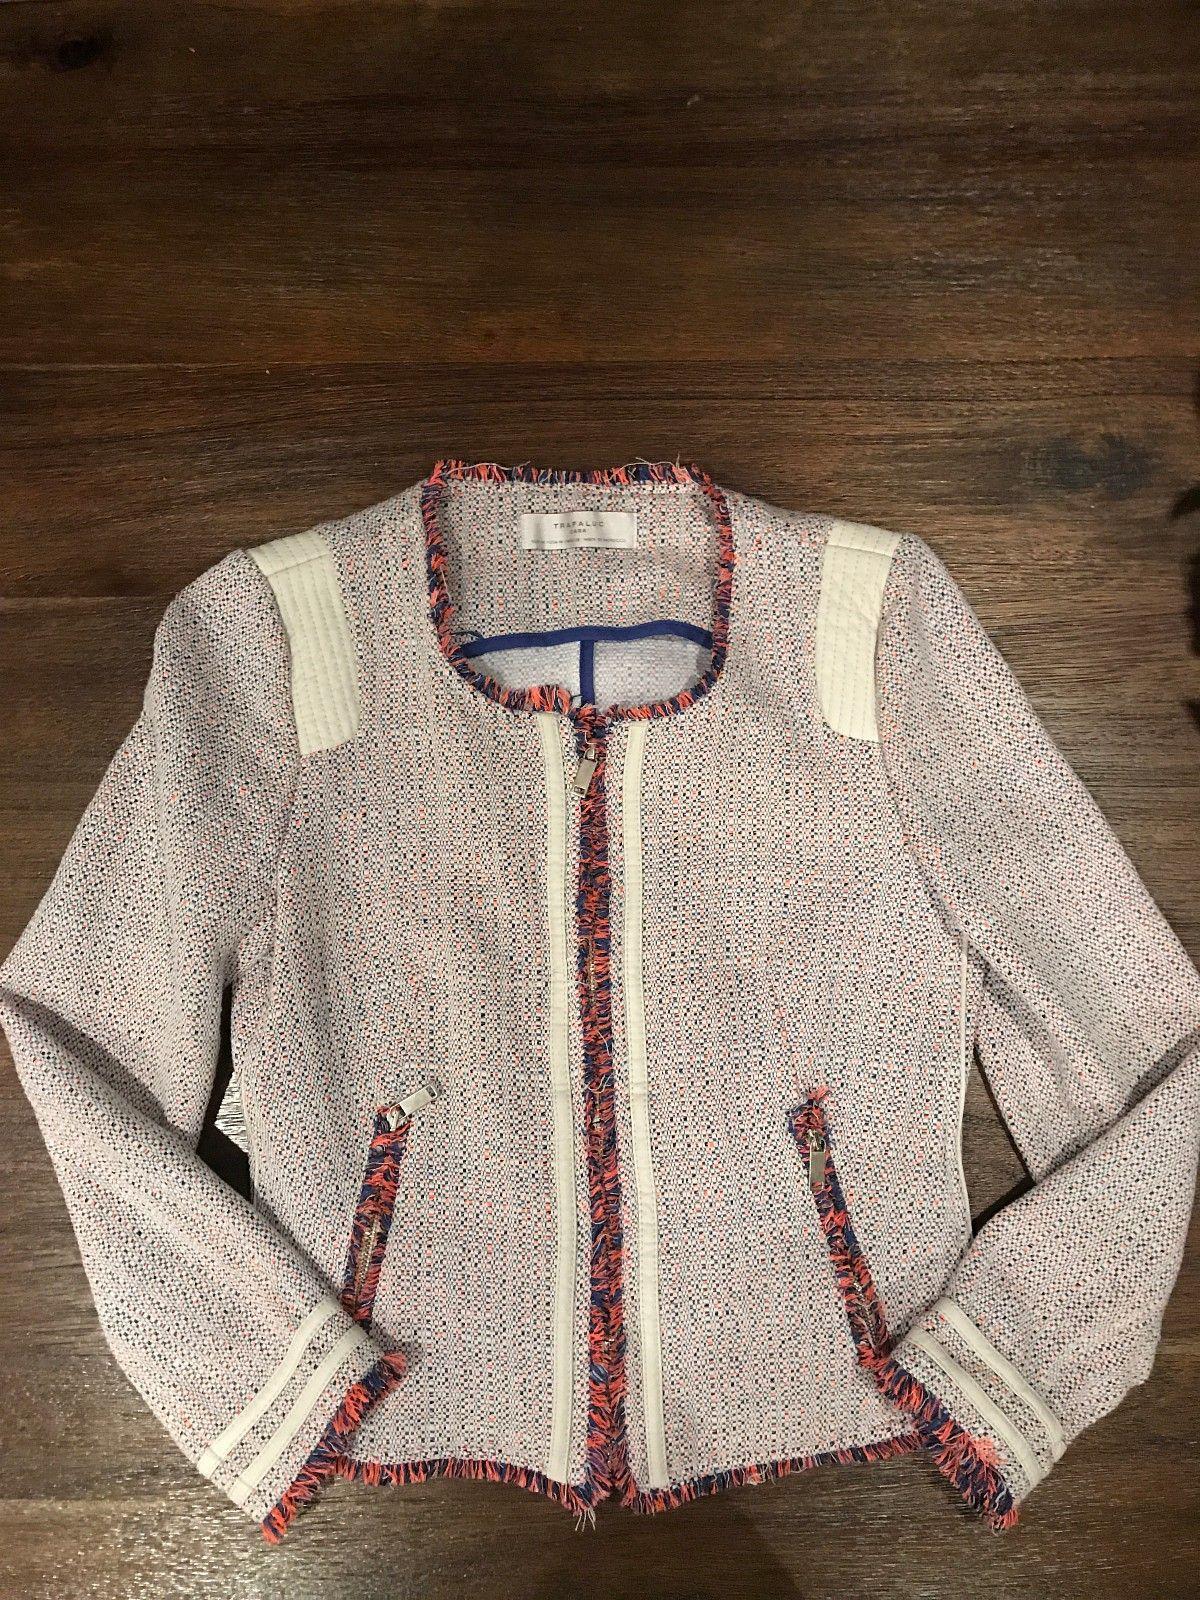 46cdcdc1 Zara Tweed jakke - Dressjakke selges billig!   FINN.no